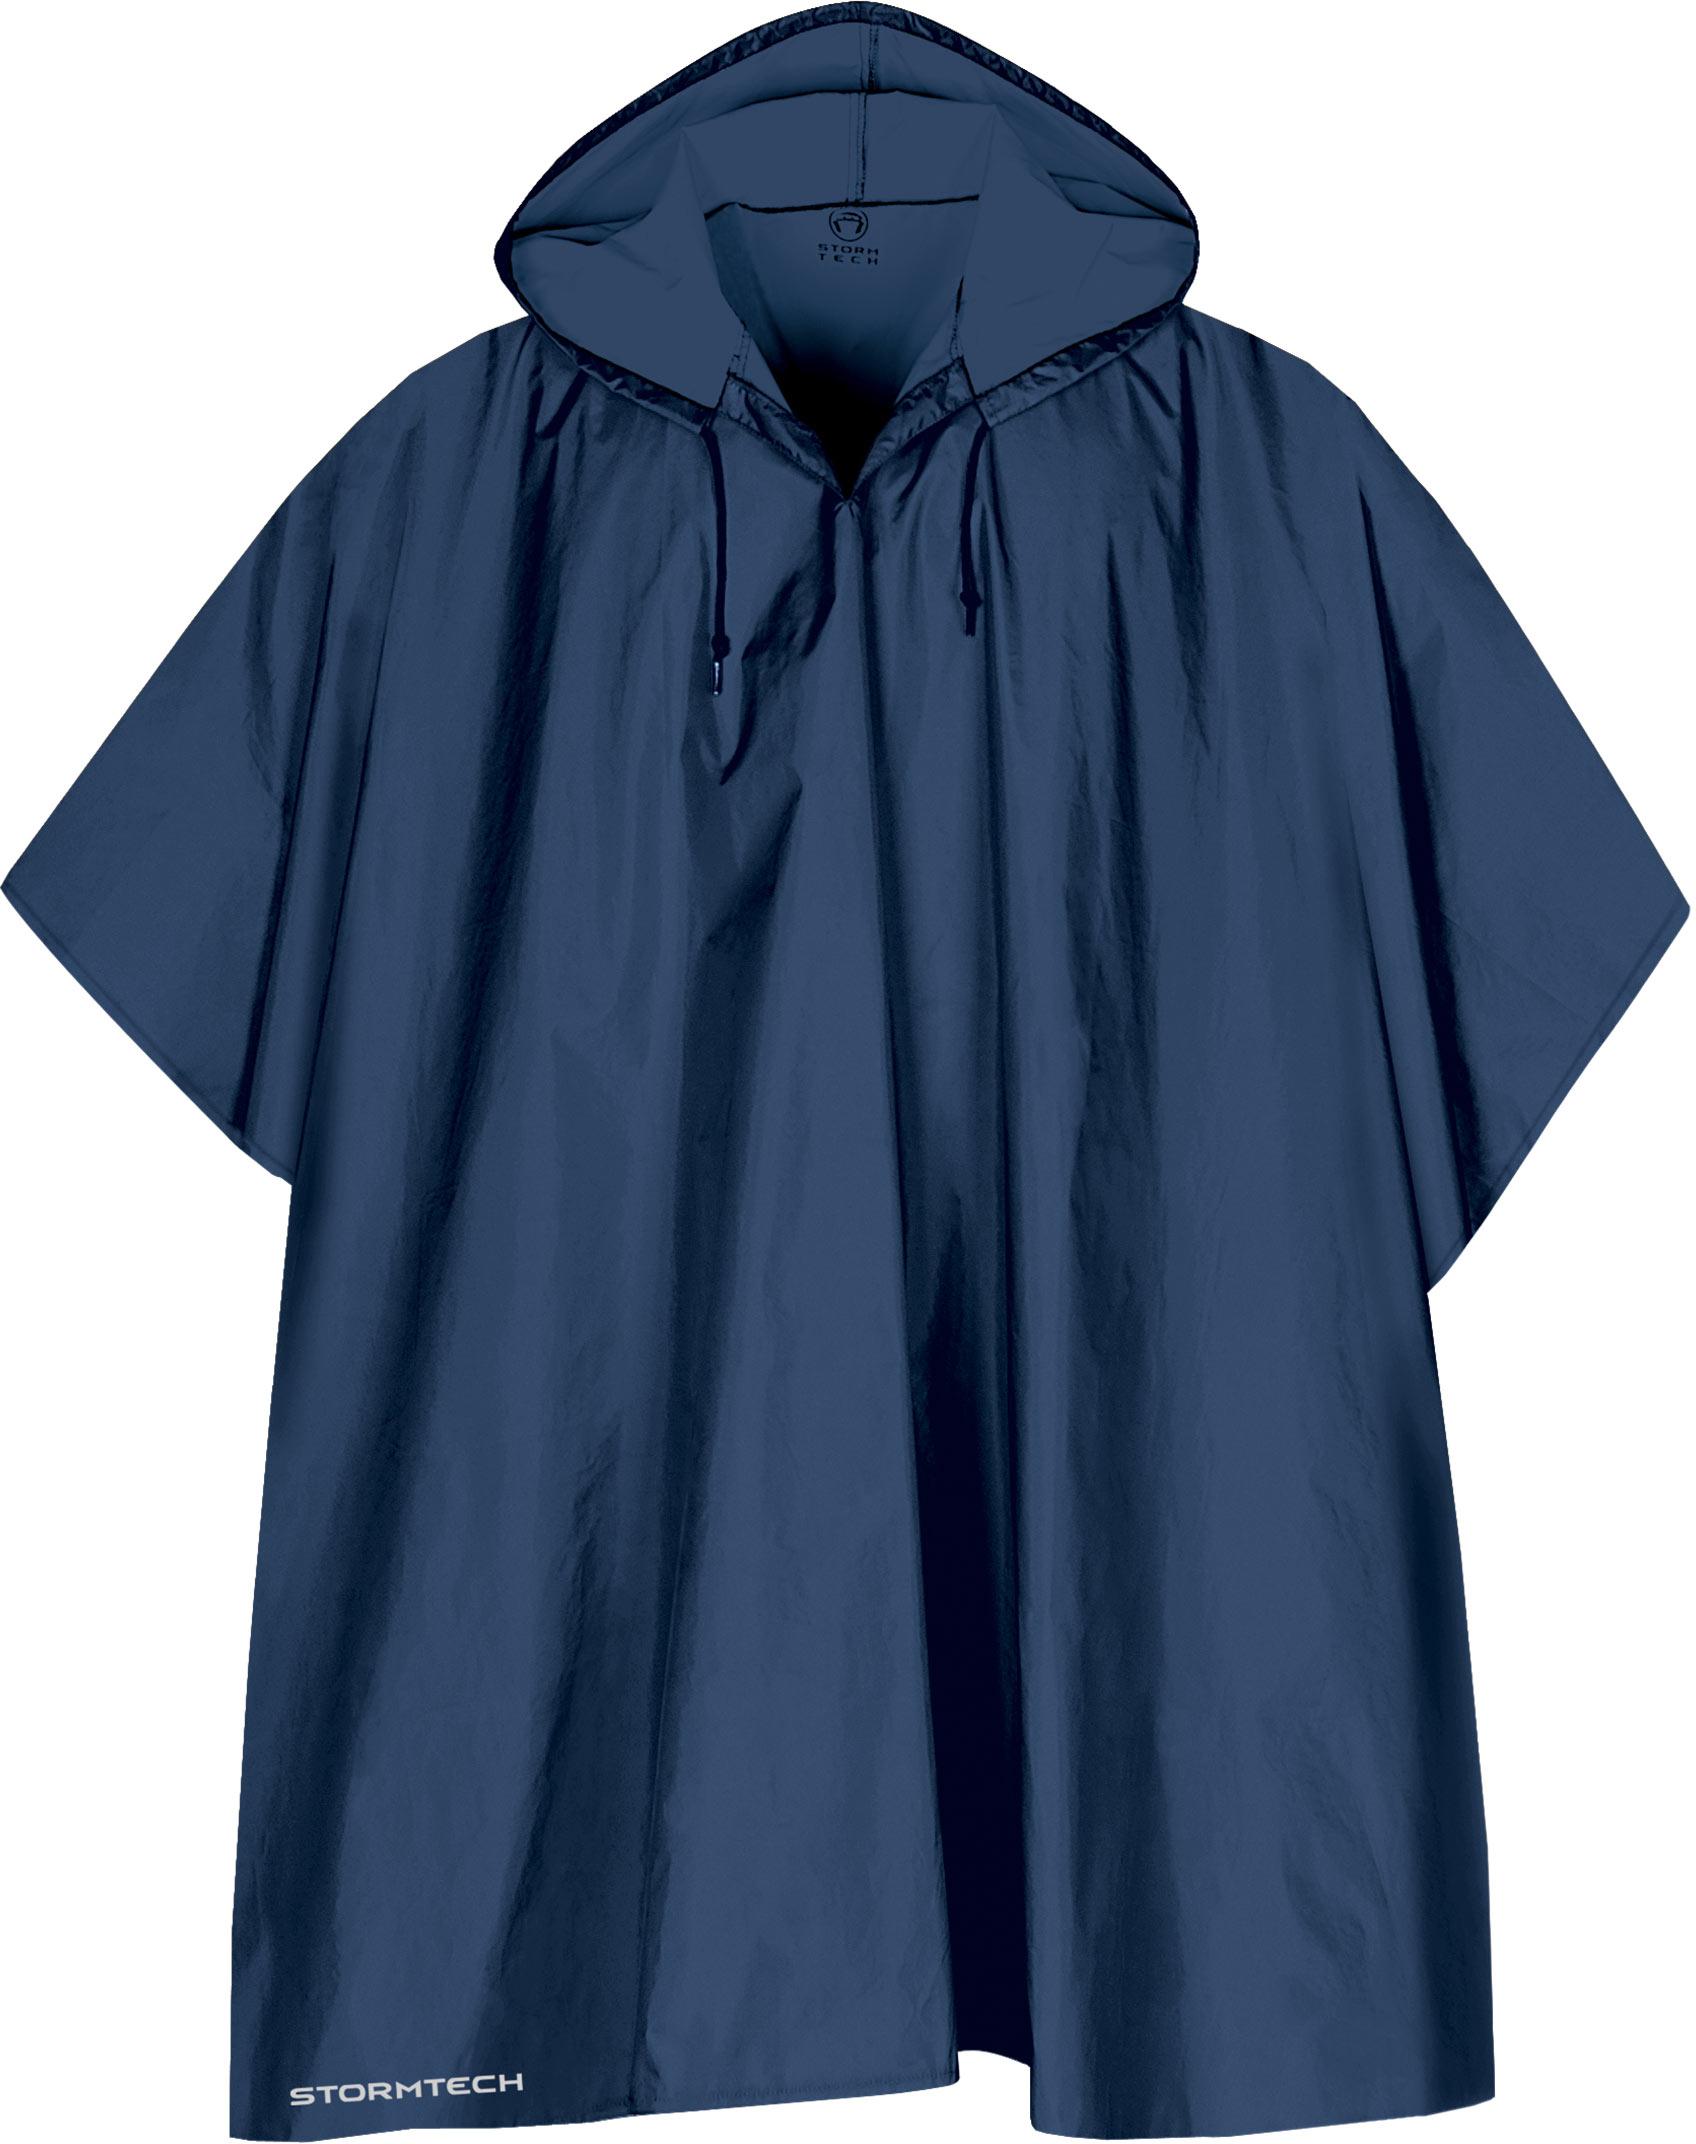 Stormtech poncho regnslag i navy blåt højkvalitets regnslag til voksne